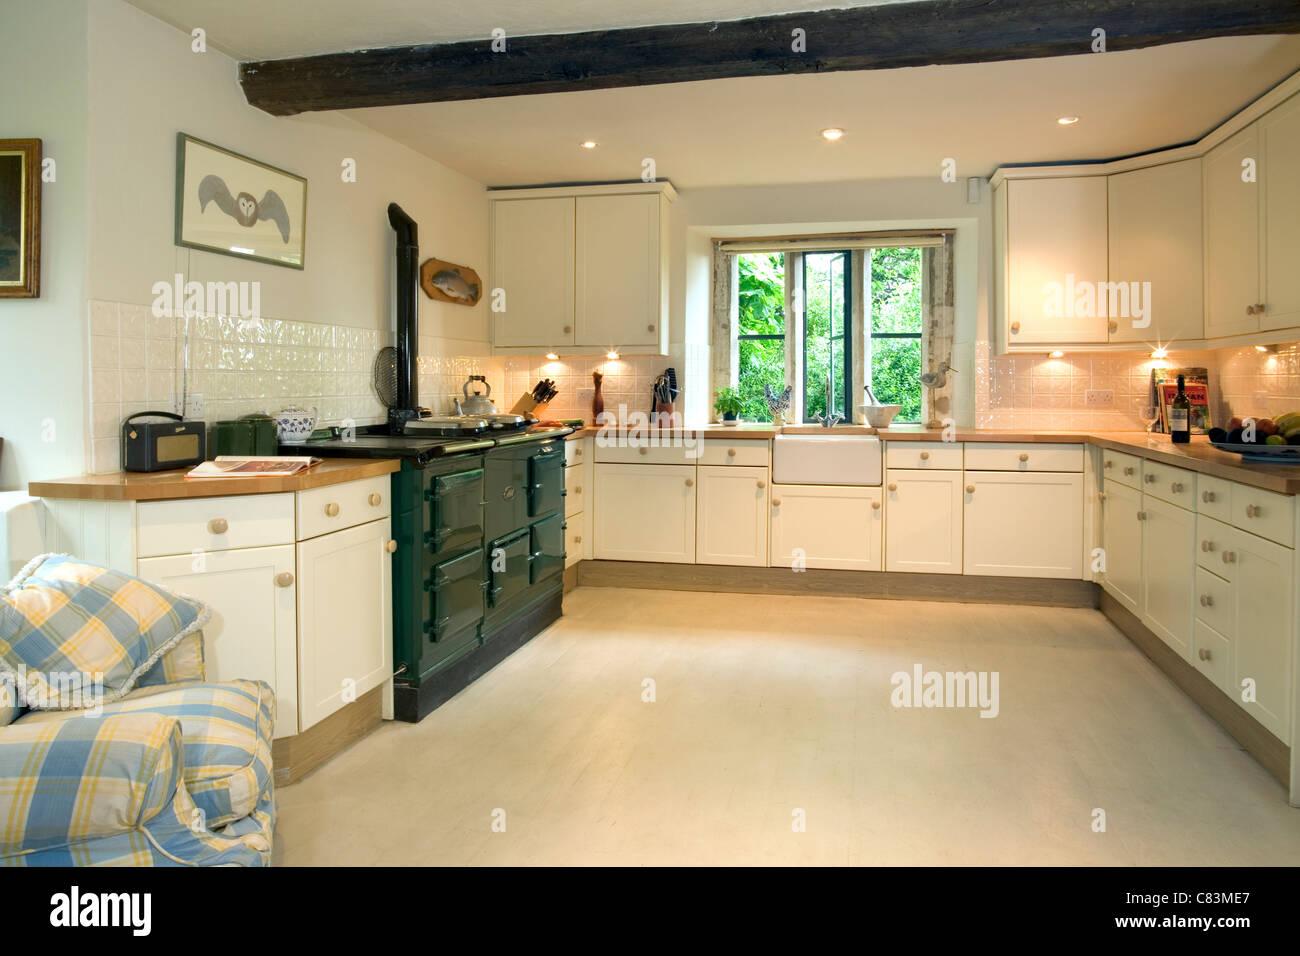 Küche im modernen Stil mit AGA-Herd und Butler sinken Stockfoto ...